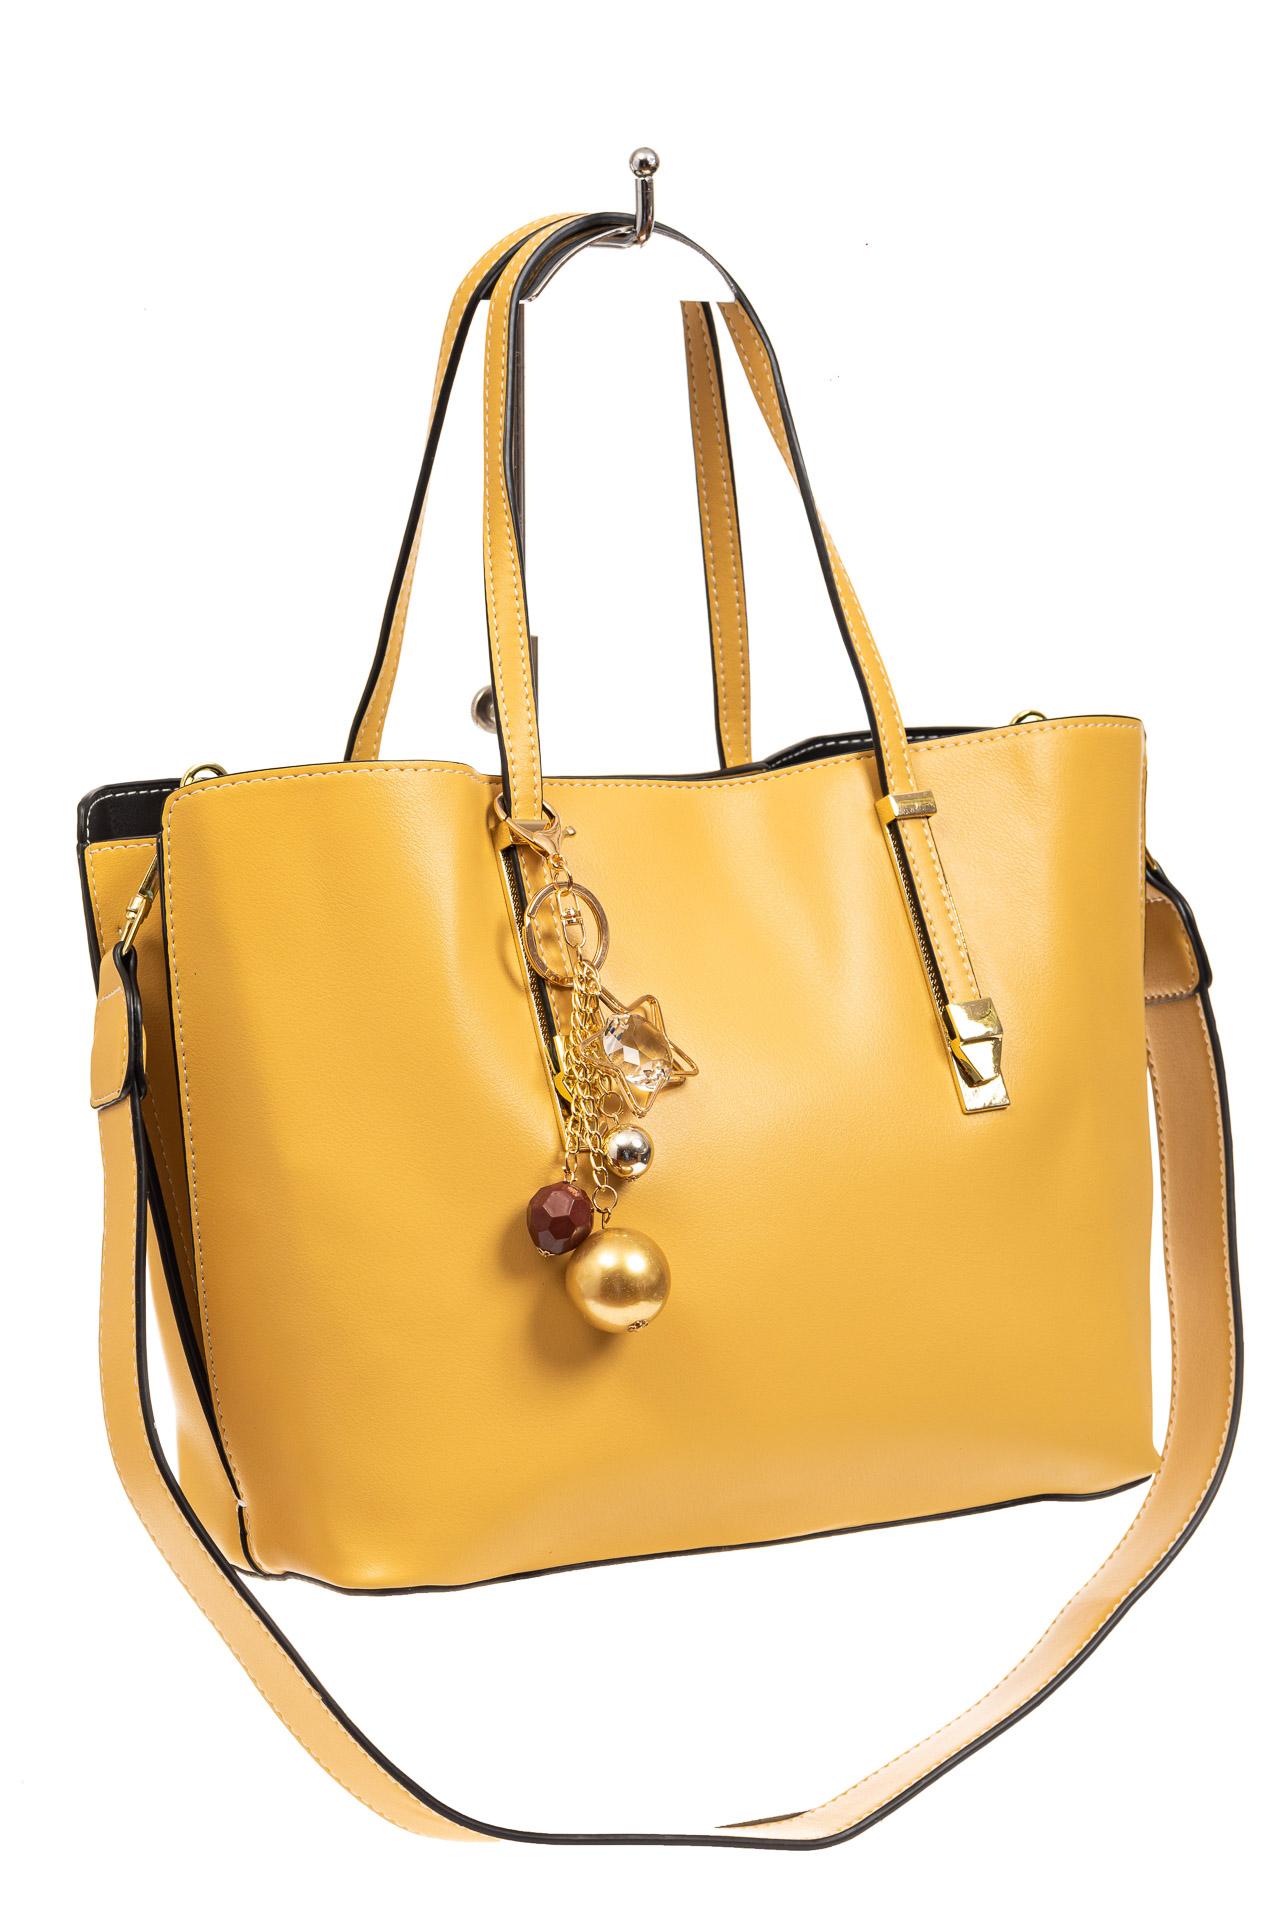 Женская сумка тоут из искусственной кожи, цвет желтый8670PJ0520/9